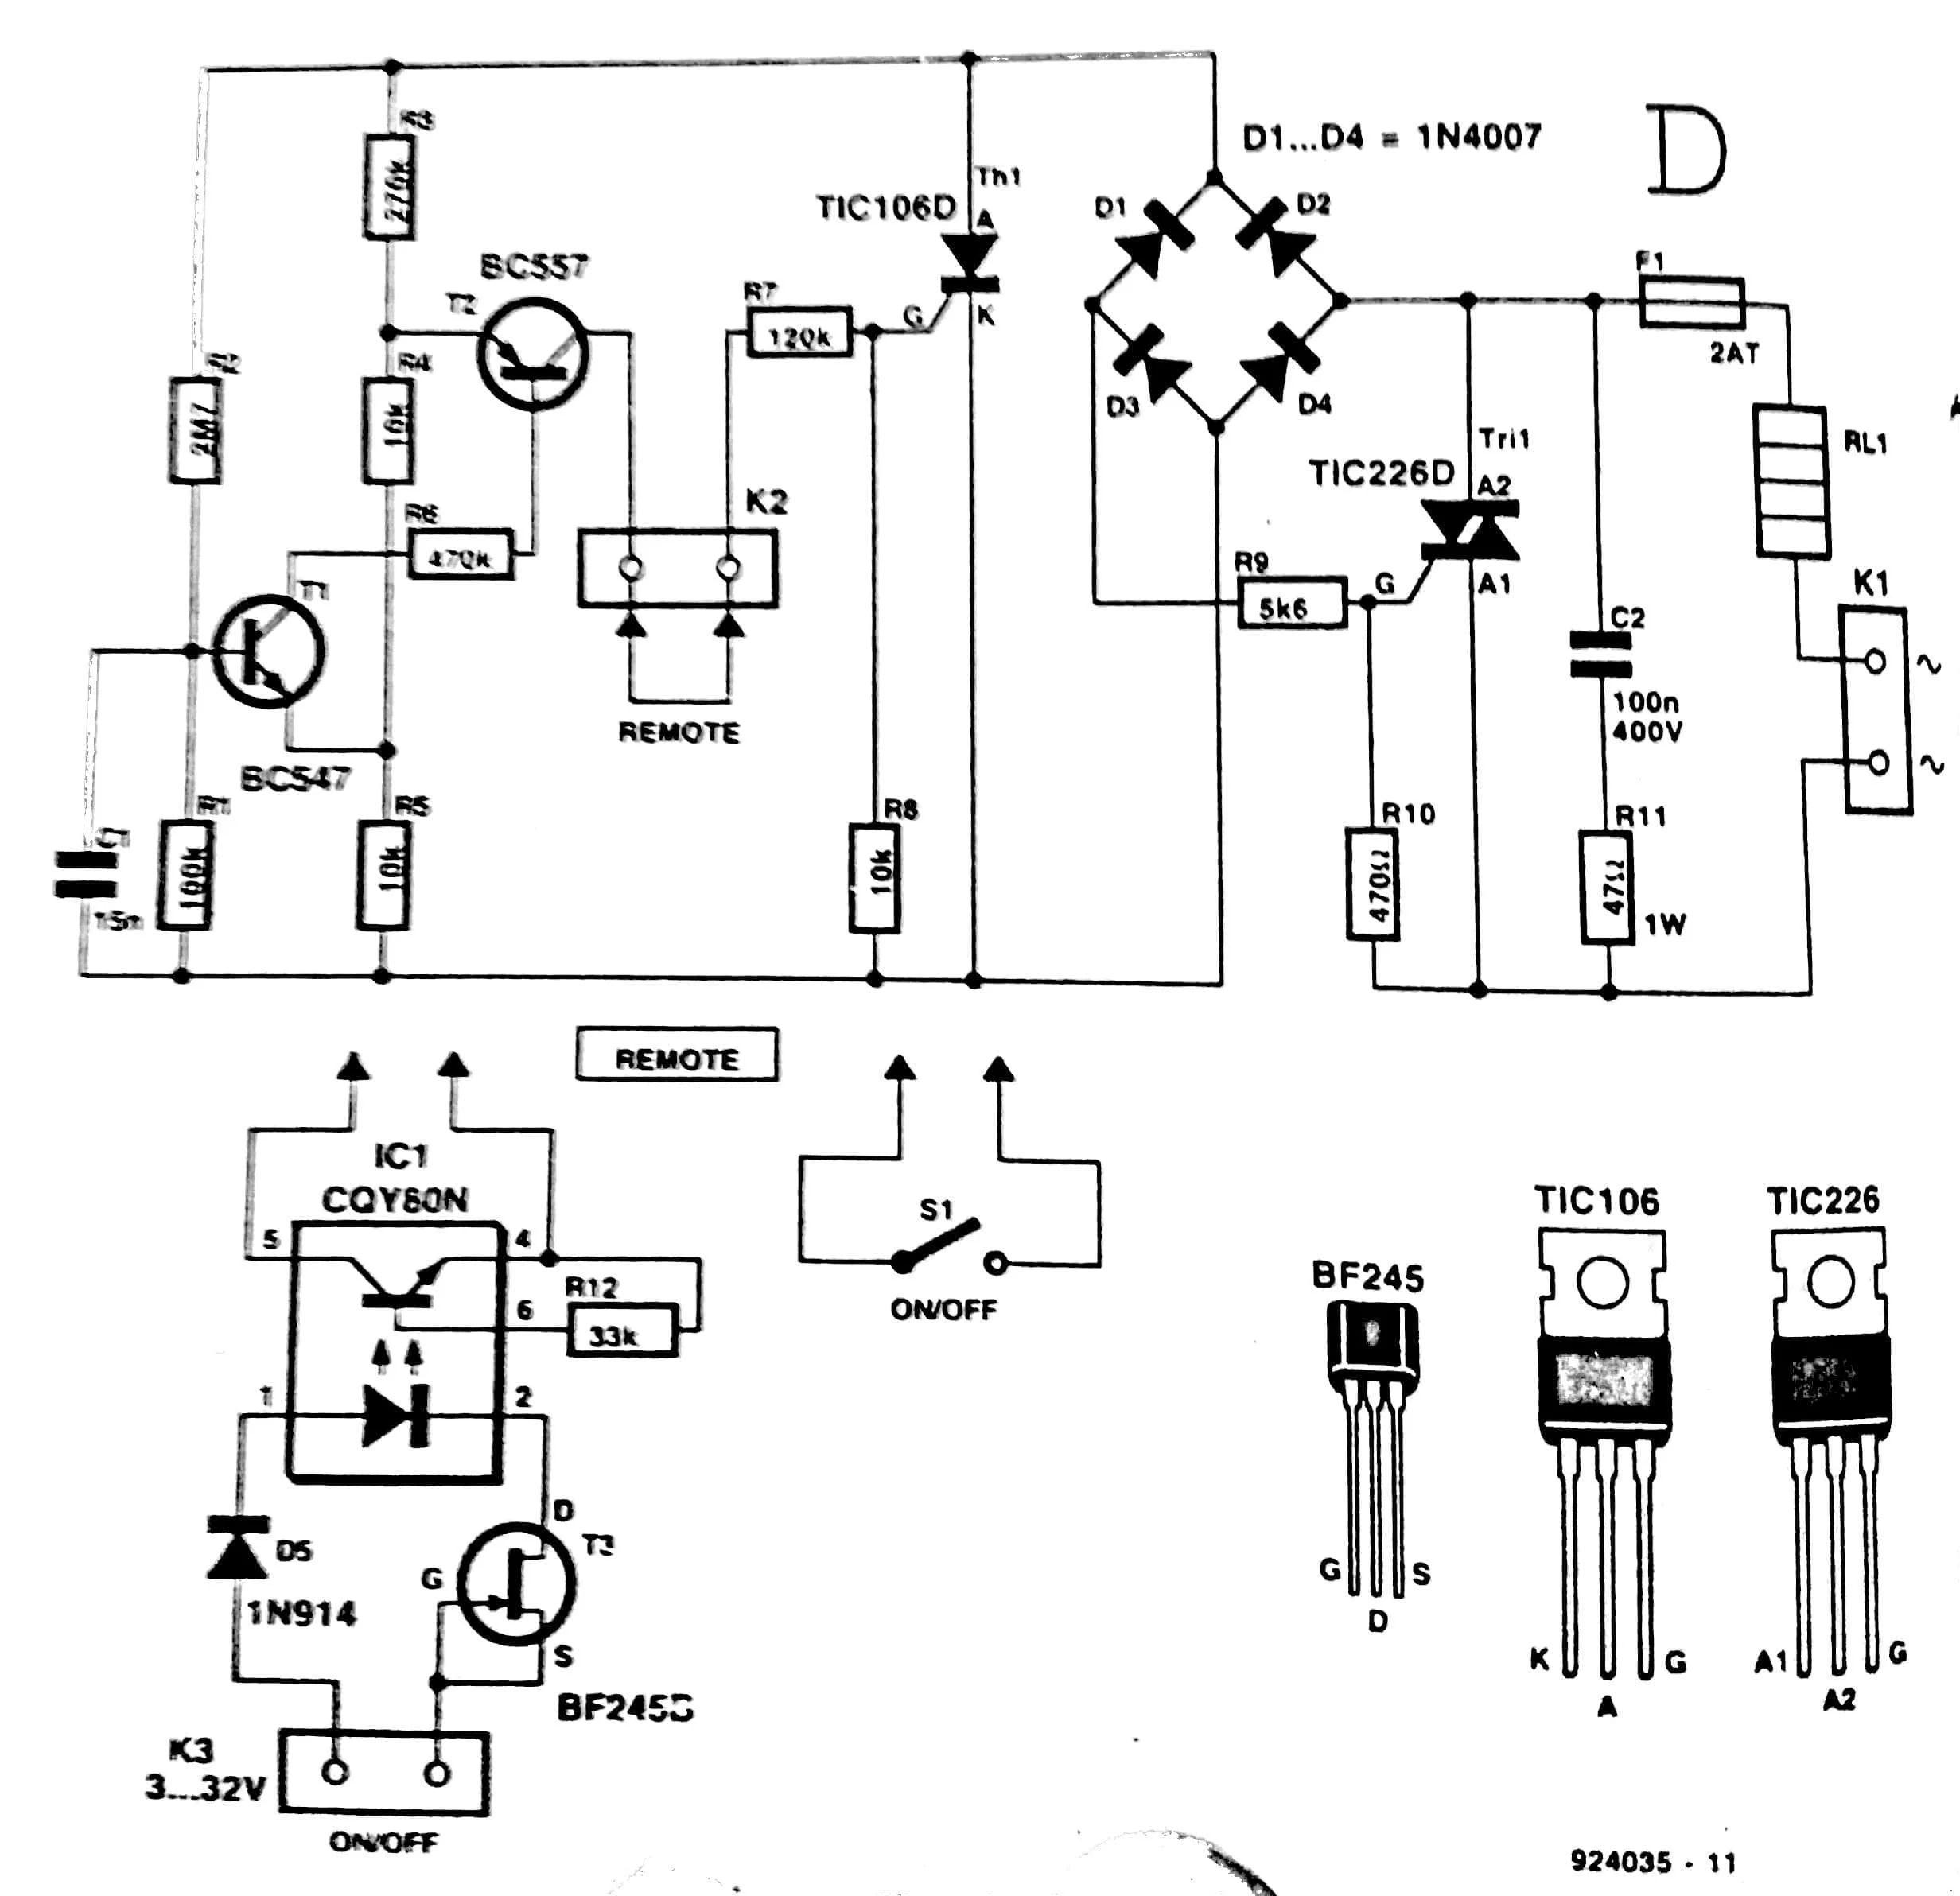 circuit diagram oscilloscope